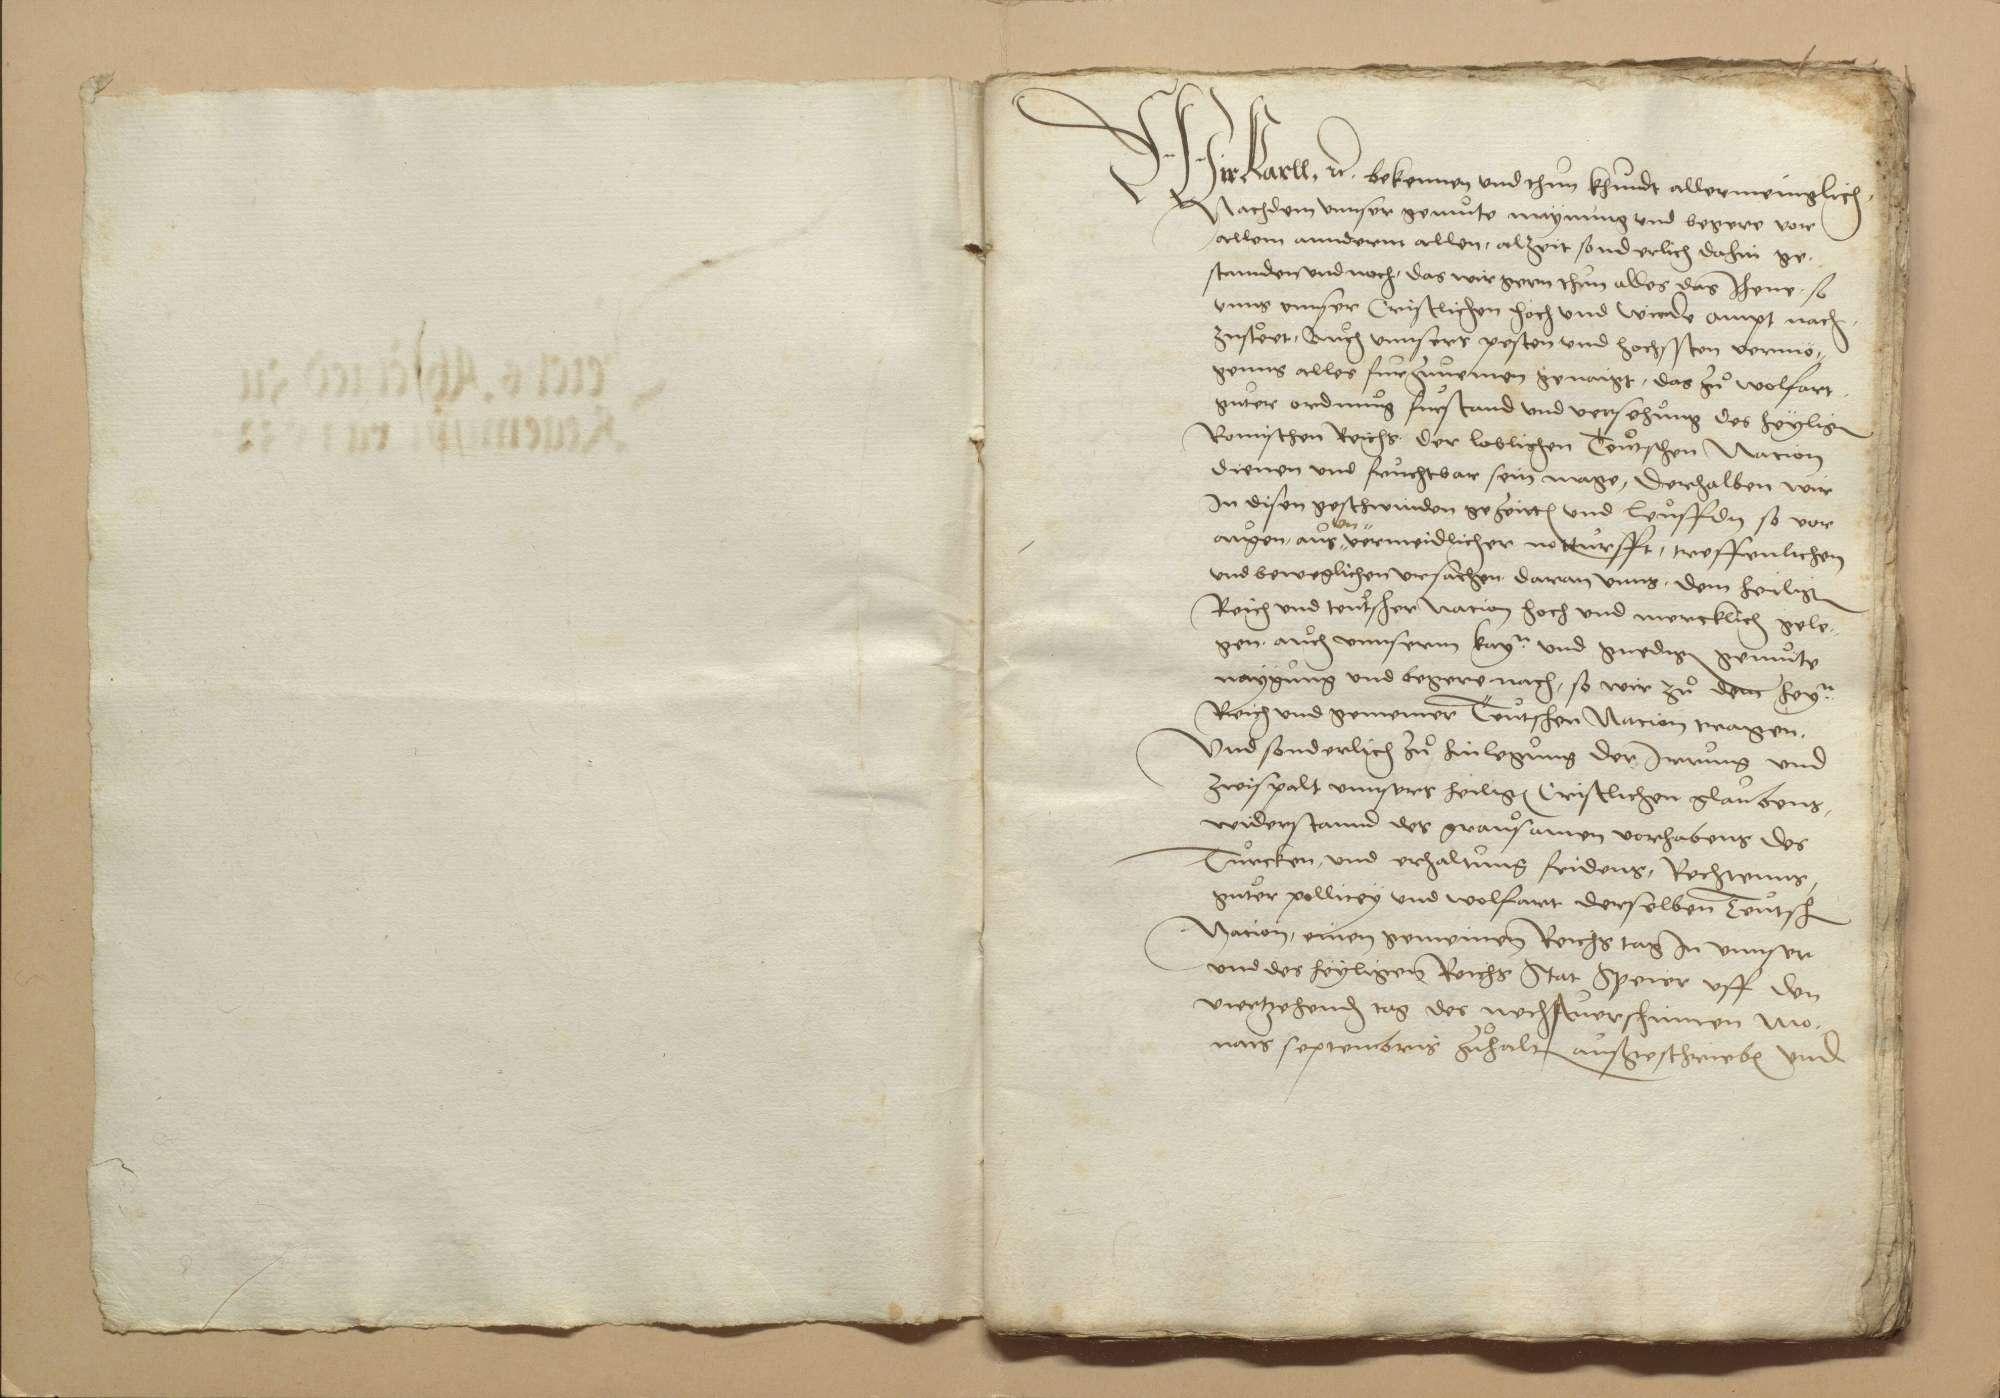 Briefwechsel der Stadt Heilbronn mit Regensburg und Nürnberg wegen des nach Regensburg ausgeschriebenen Reichstags, Bild 3